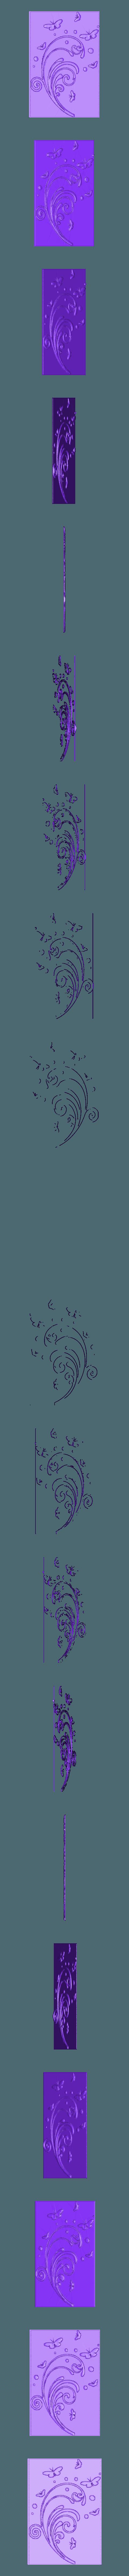 Swirl.stl Télécharger fichier STL gratuit Tourbillon • Plan imprimable en 3D, Account-Closed